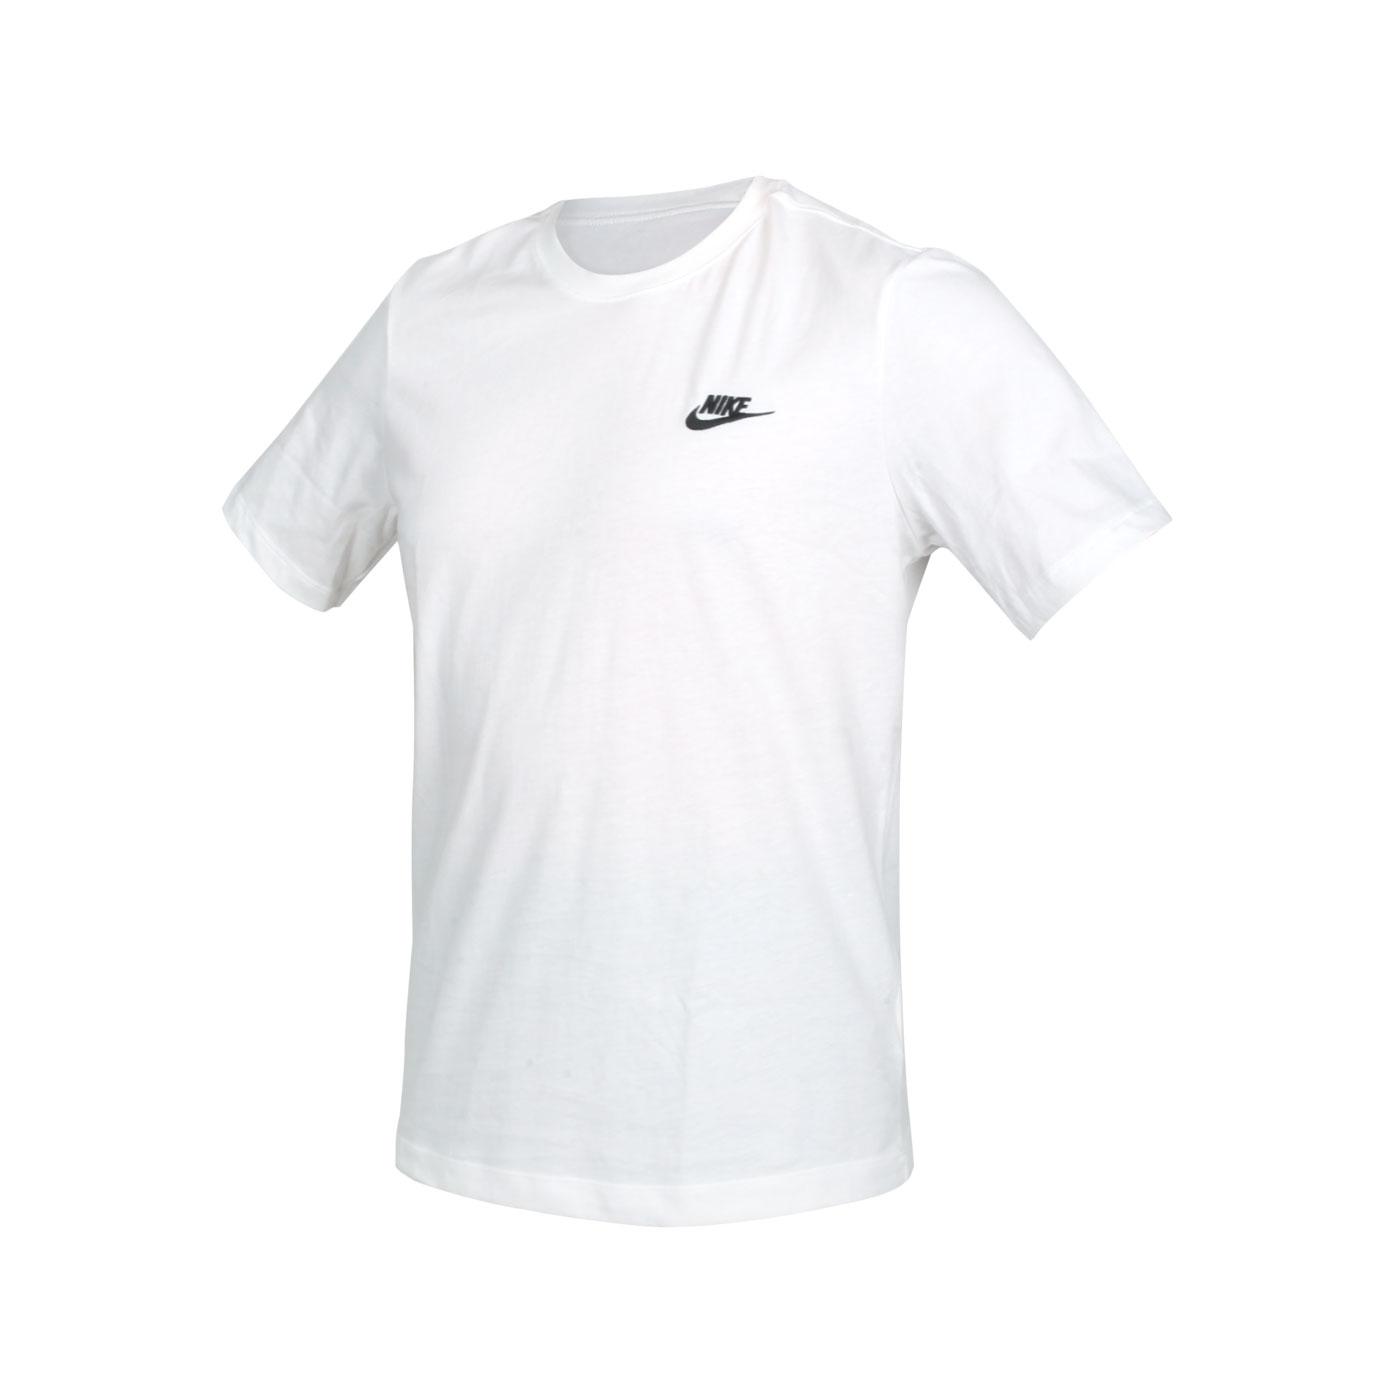 NIKE 男女款短袖T恤 AR4999-101